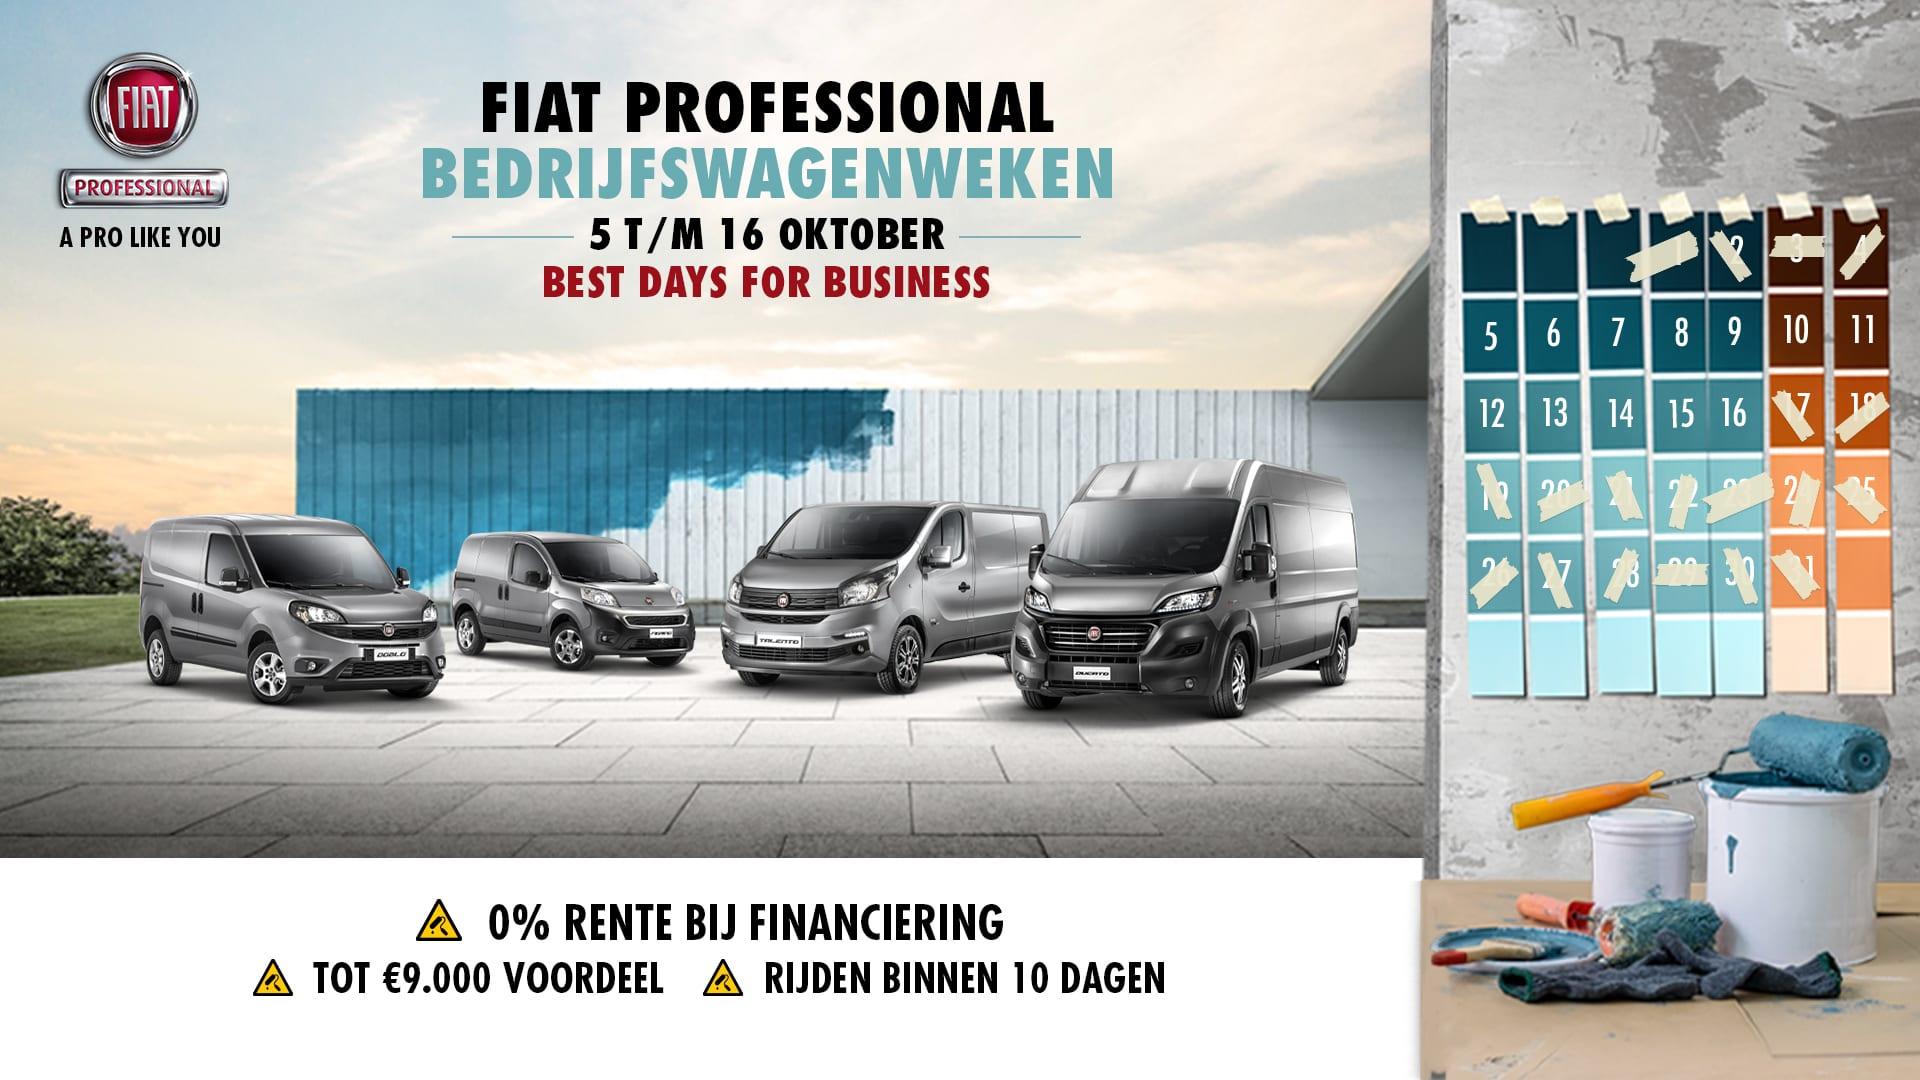 Fiat Professional - bedrijfswagenweken oktober 2020